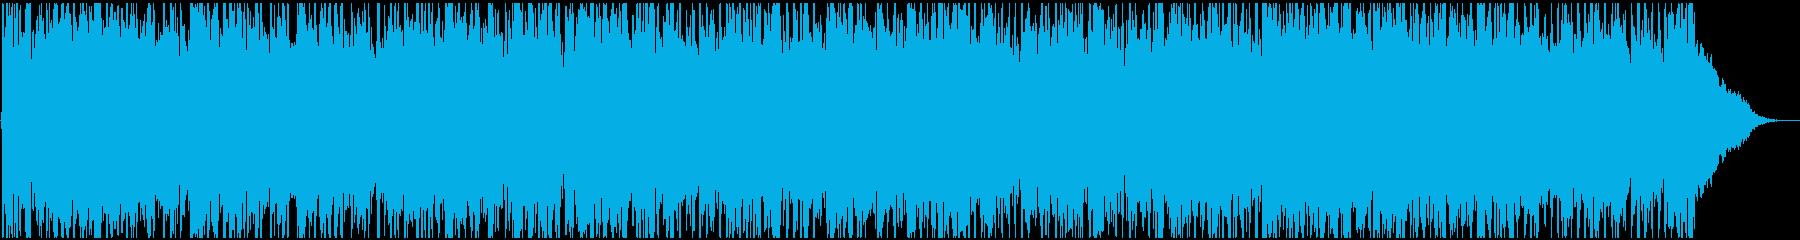 忍者和風ディスコ・琴&バイオリン&ビートの再生済みの波形